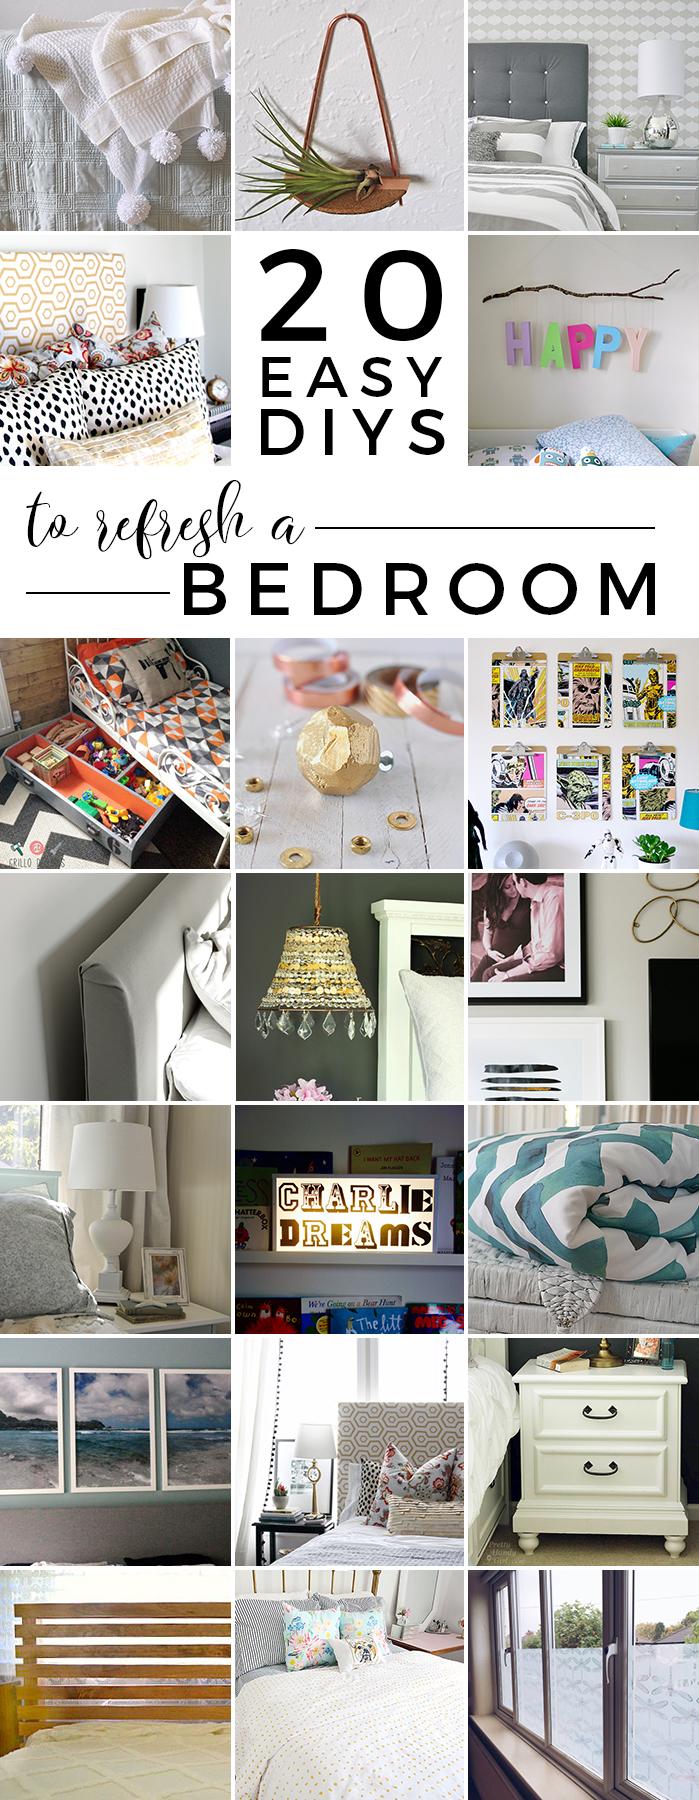 20 Easy DIYs to Refresh A Bedroom